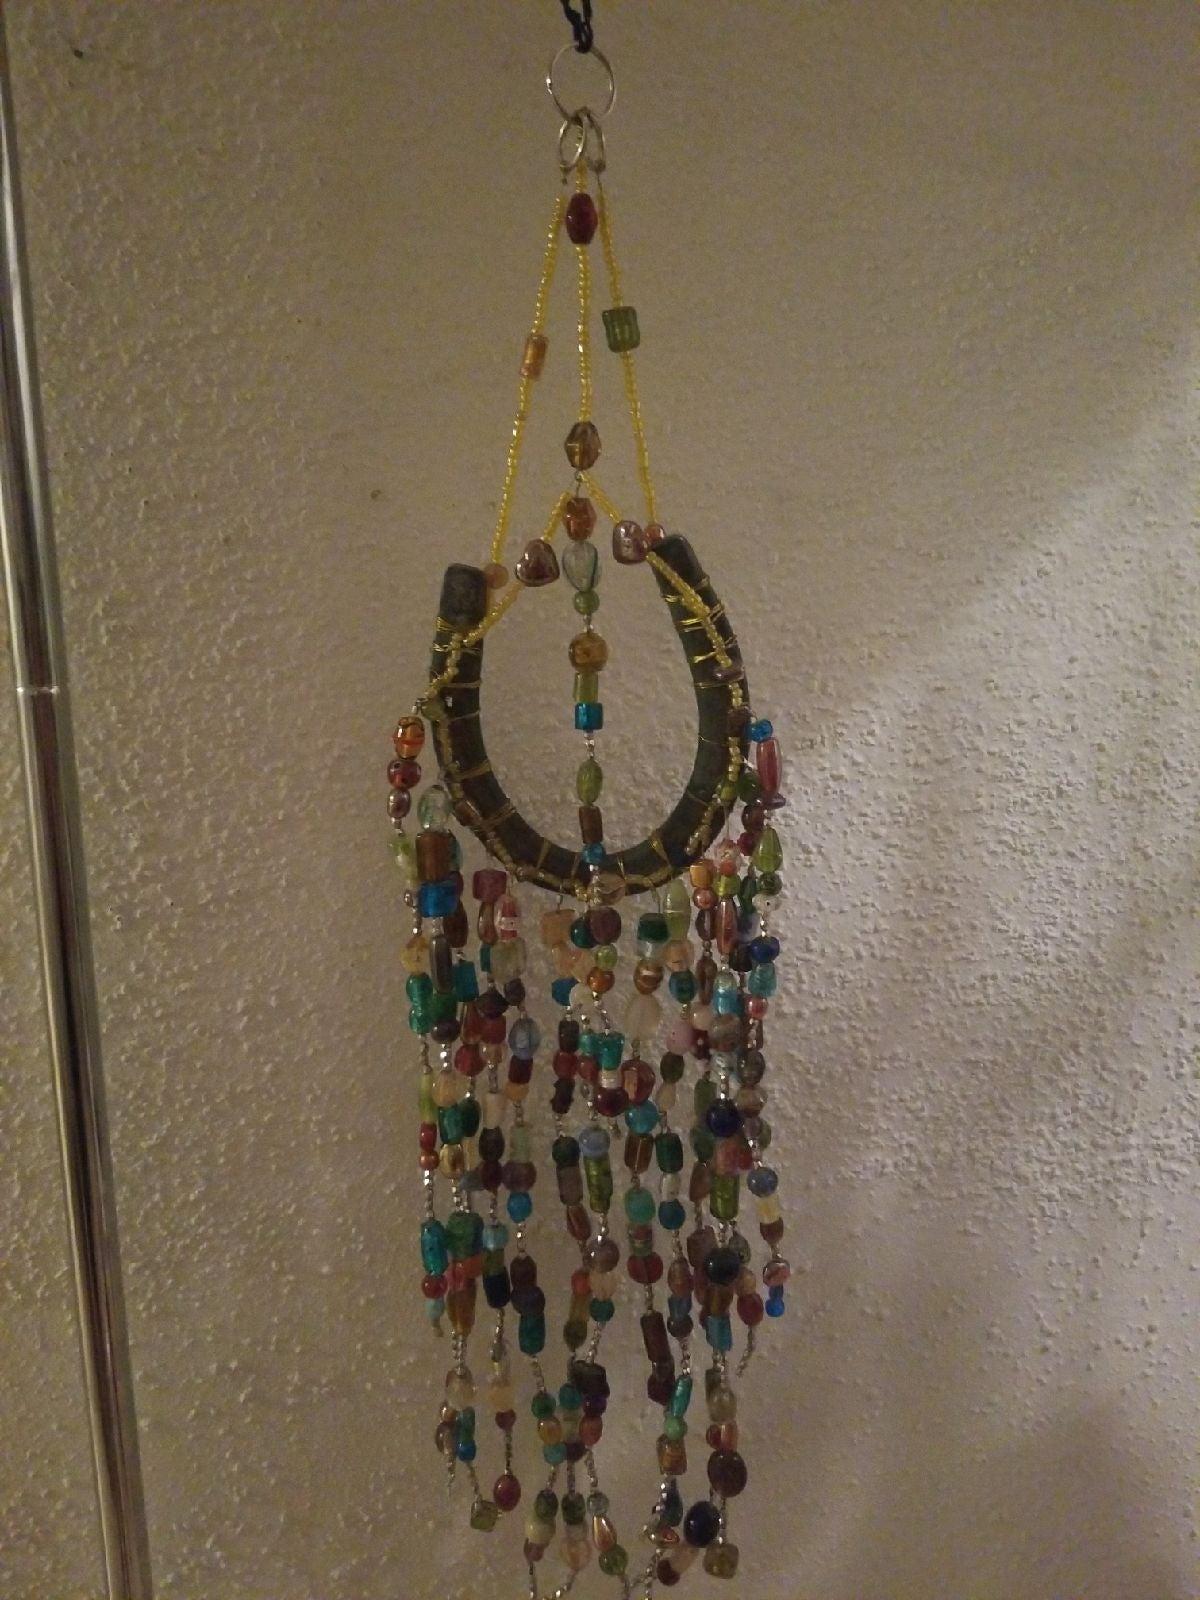 Horseshoe with blown glass beads windchi